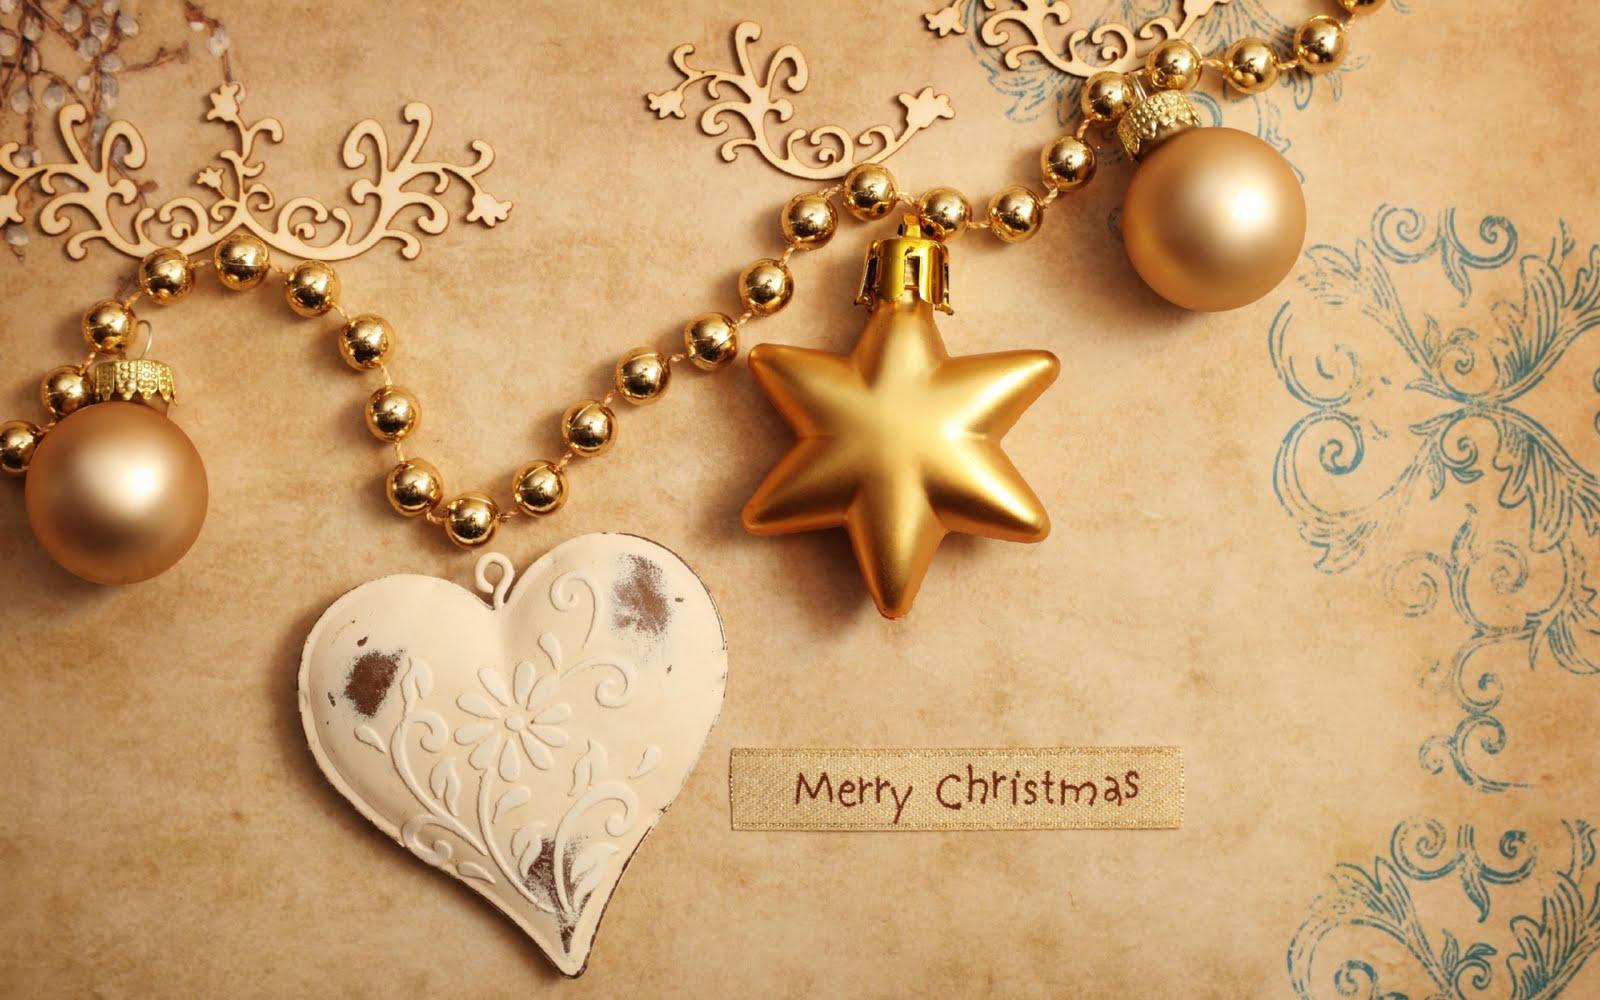 http://4.bp.blogspot.com/-AXrEHZxT7xE/TtV5sVZzNGI/AAAAAAAAruM/ywgbN7Bq6Ig/s1600/feliz-navidad-2011-merry-christmas-card-1920x1200-wallpaper.jpg